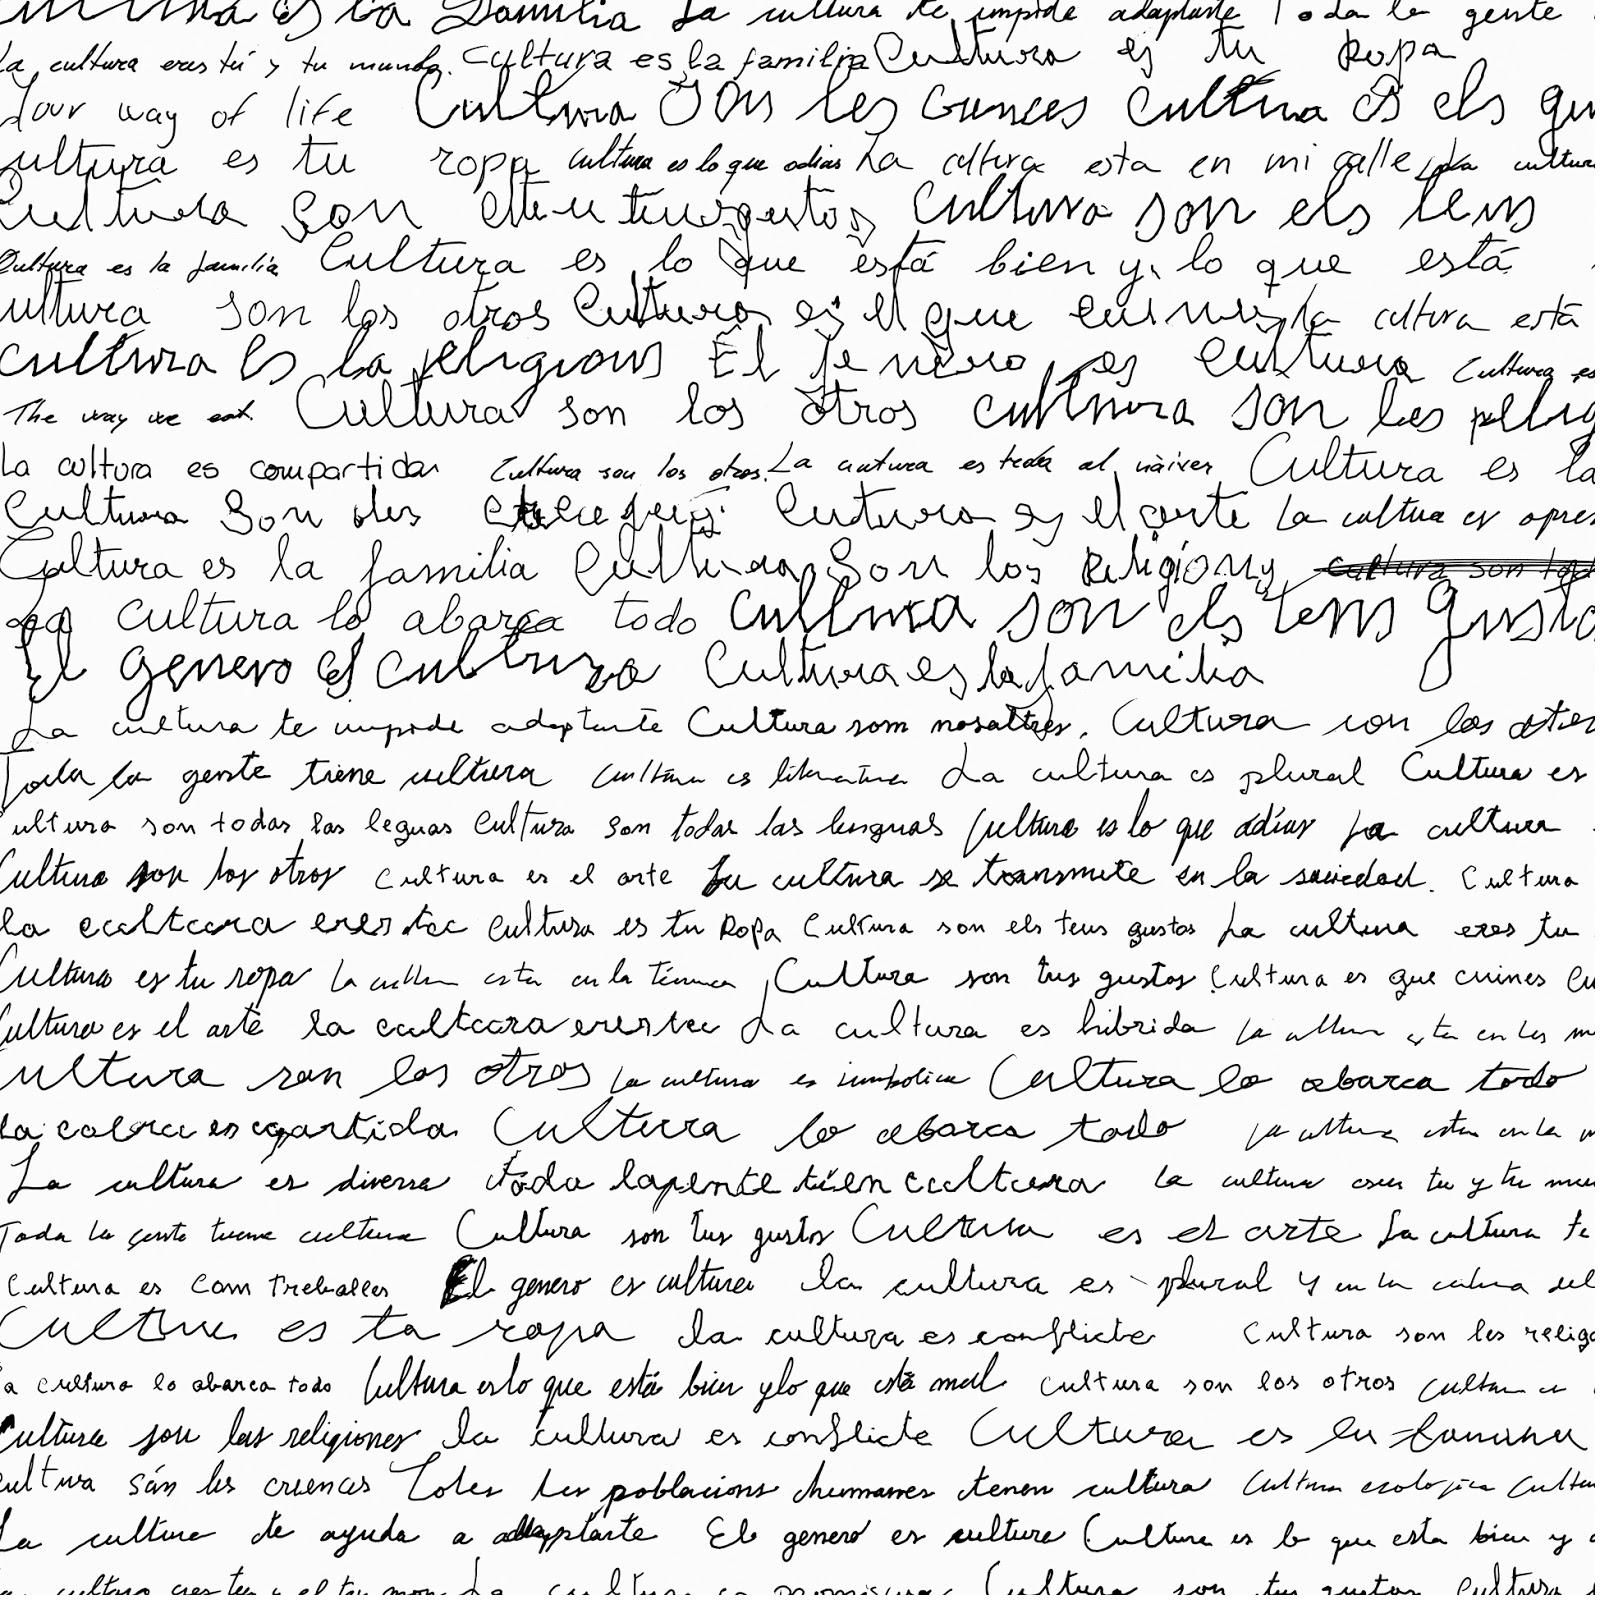 texto manuscrito